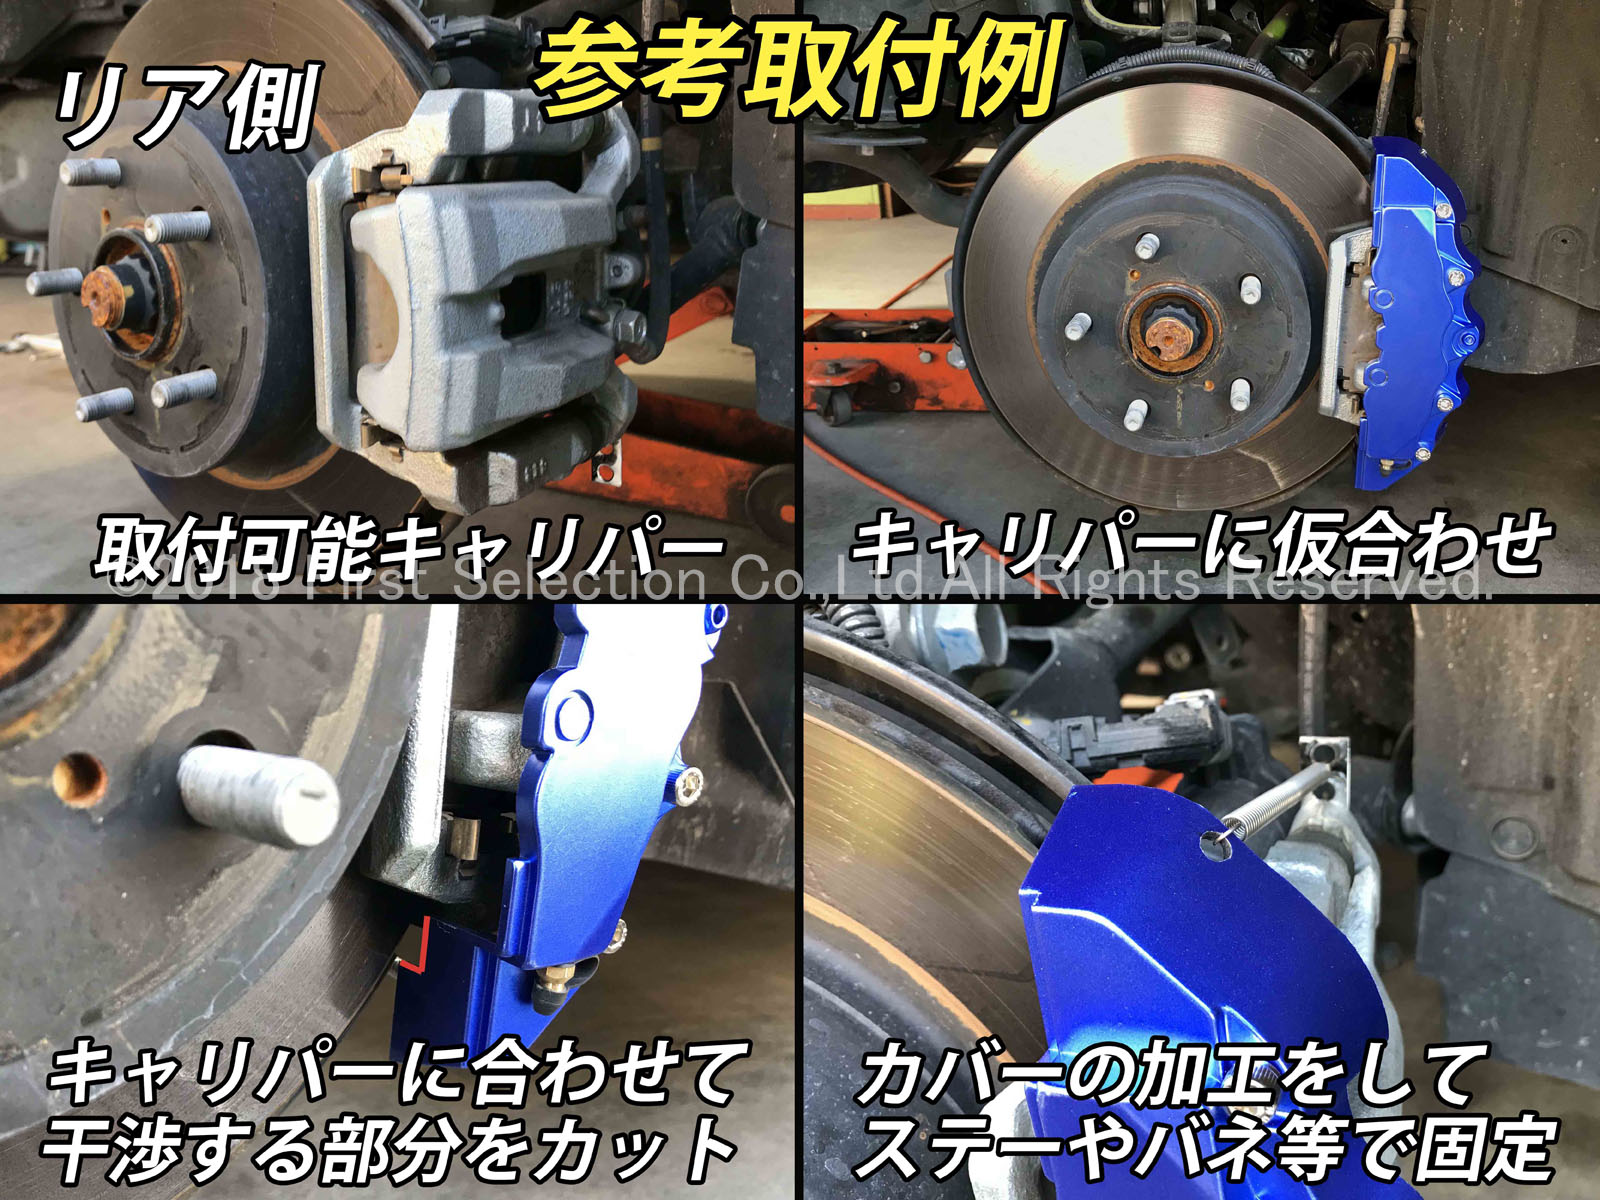 トヨタ車クラウン ATHLETEロゴ銀文字 汎用高品質キャリパーカバーM青 L/Mサイズセット